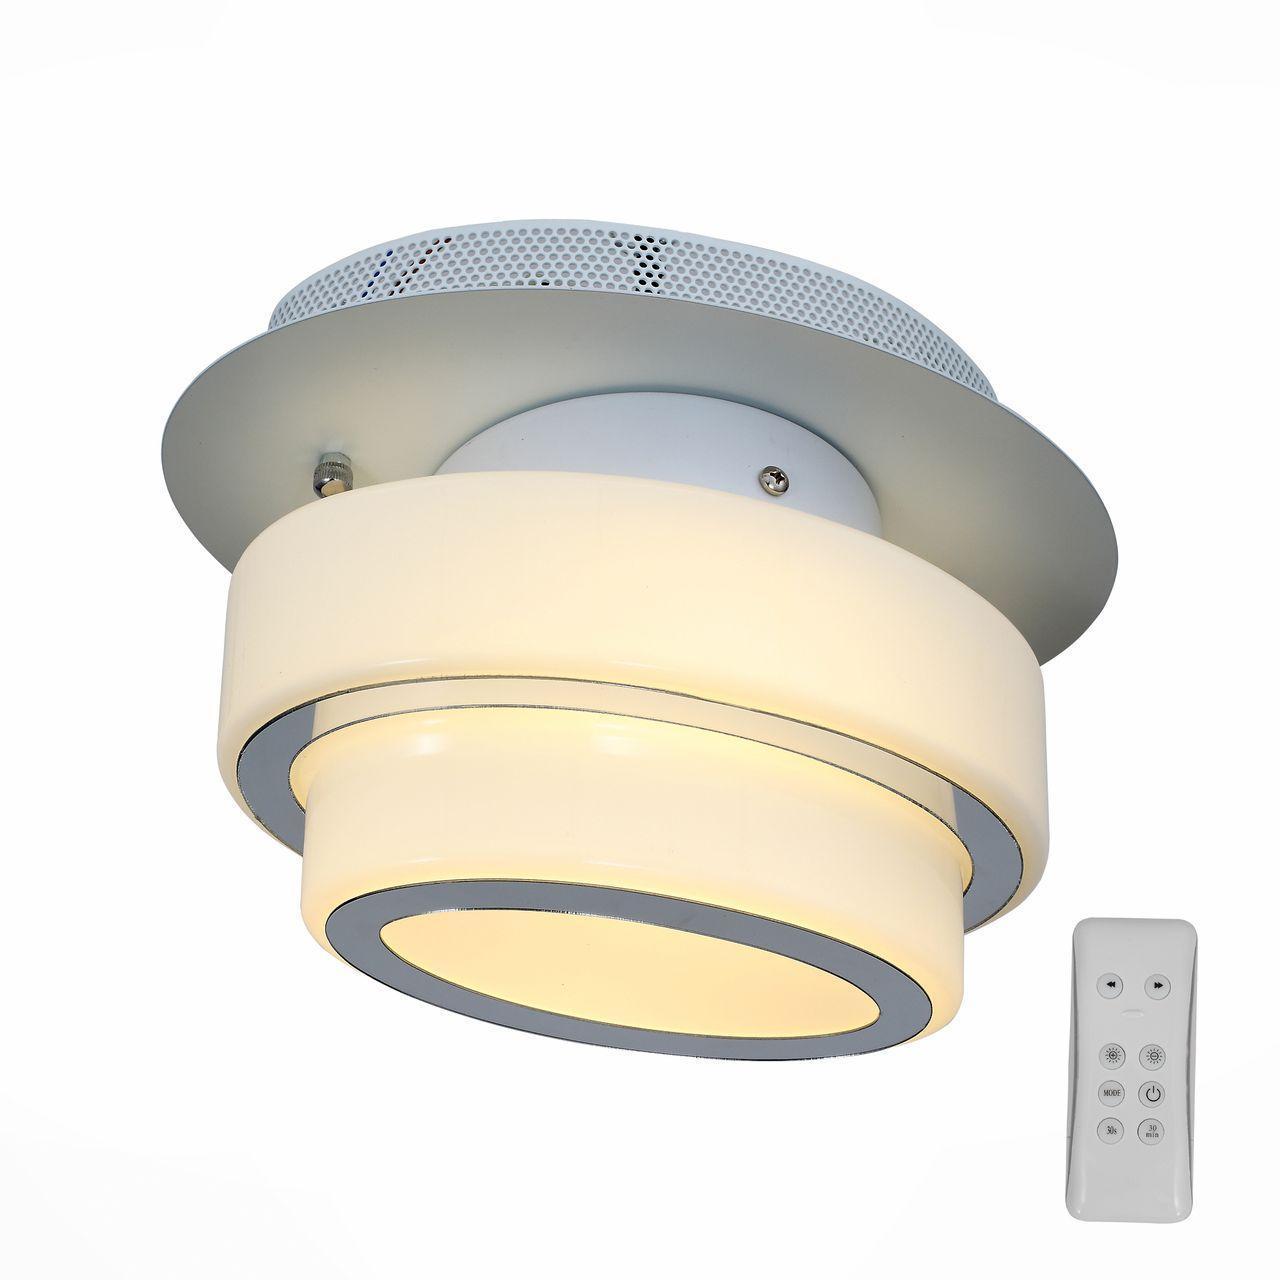 Потолочный светодиодный светильник ST Luce Ovale SL546.501.01 st luce светильник настенно потолочный st luce ovale sl546 501 01